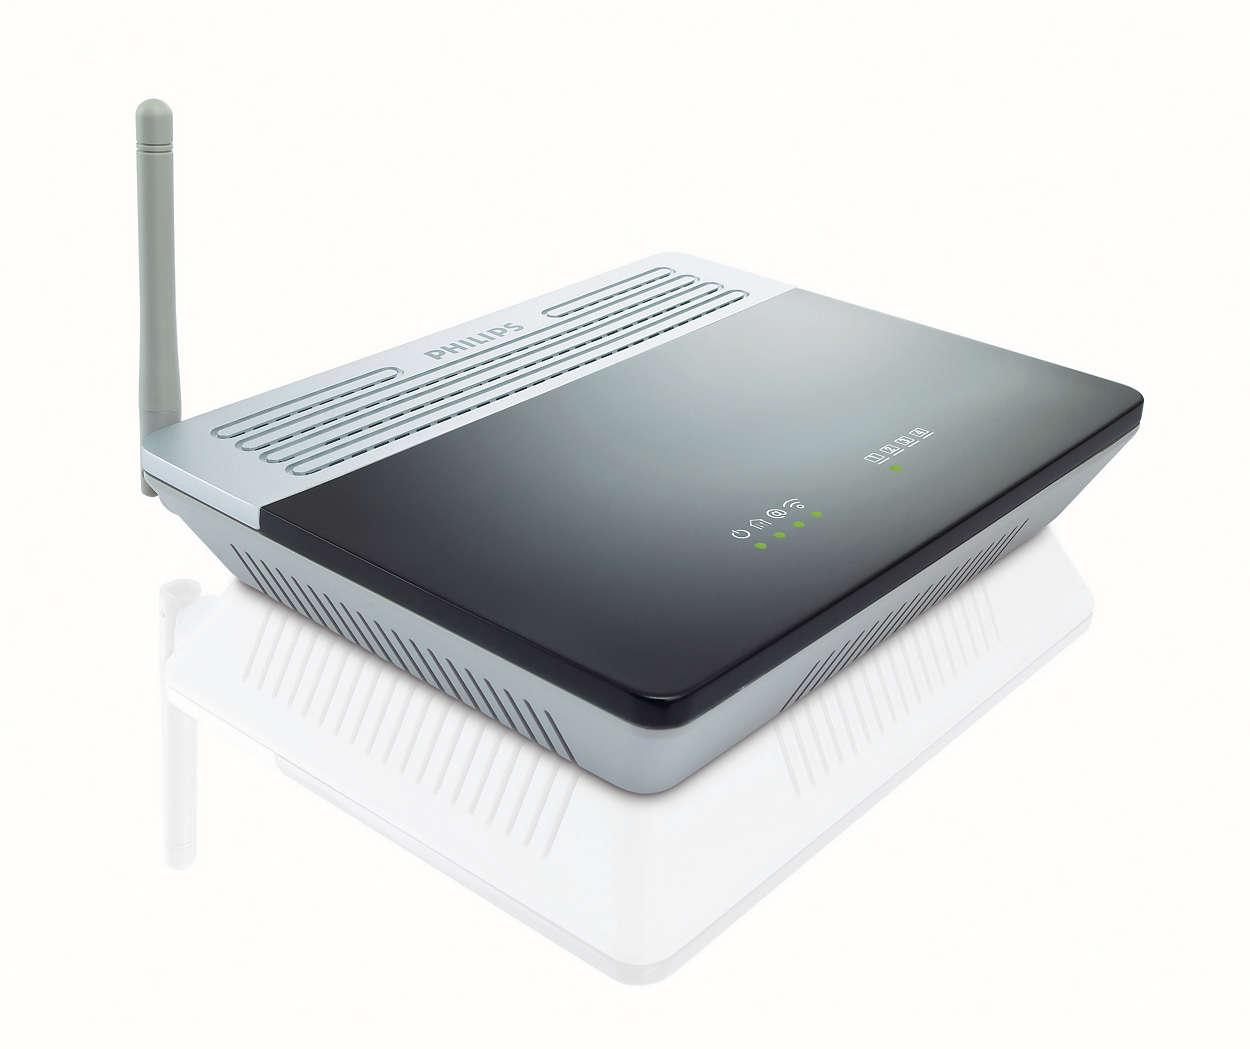 Slim en eenvoudig internetten